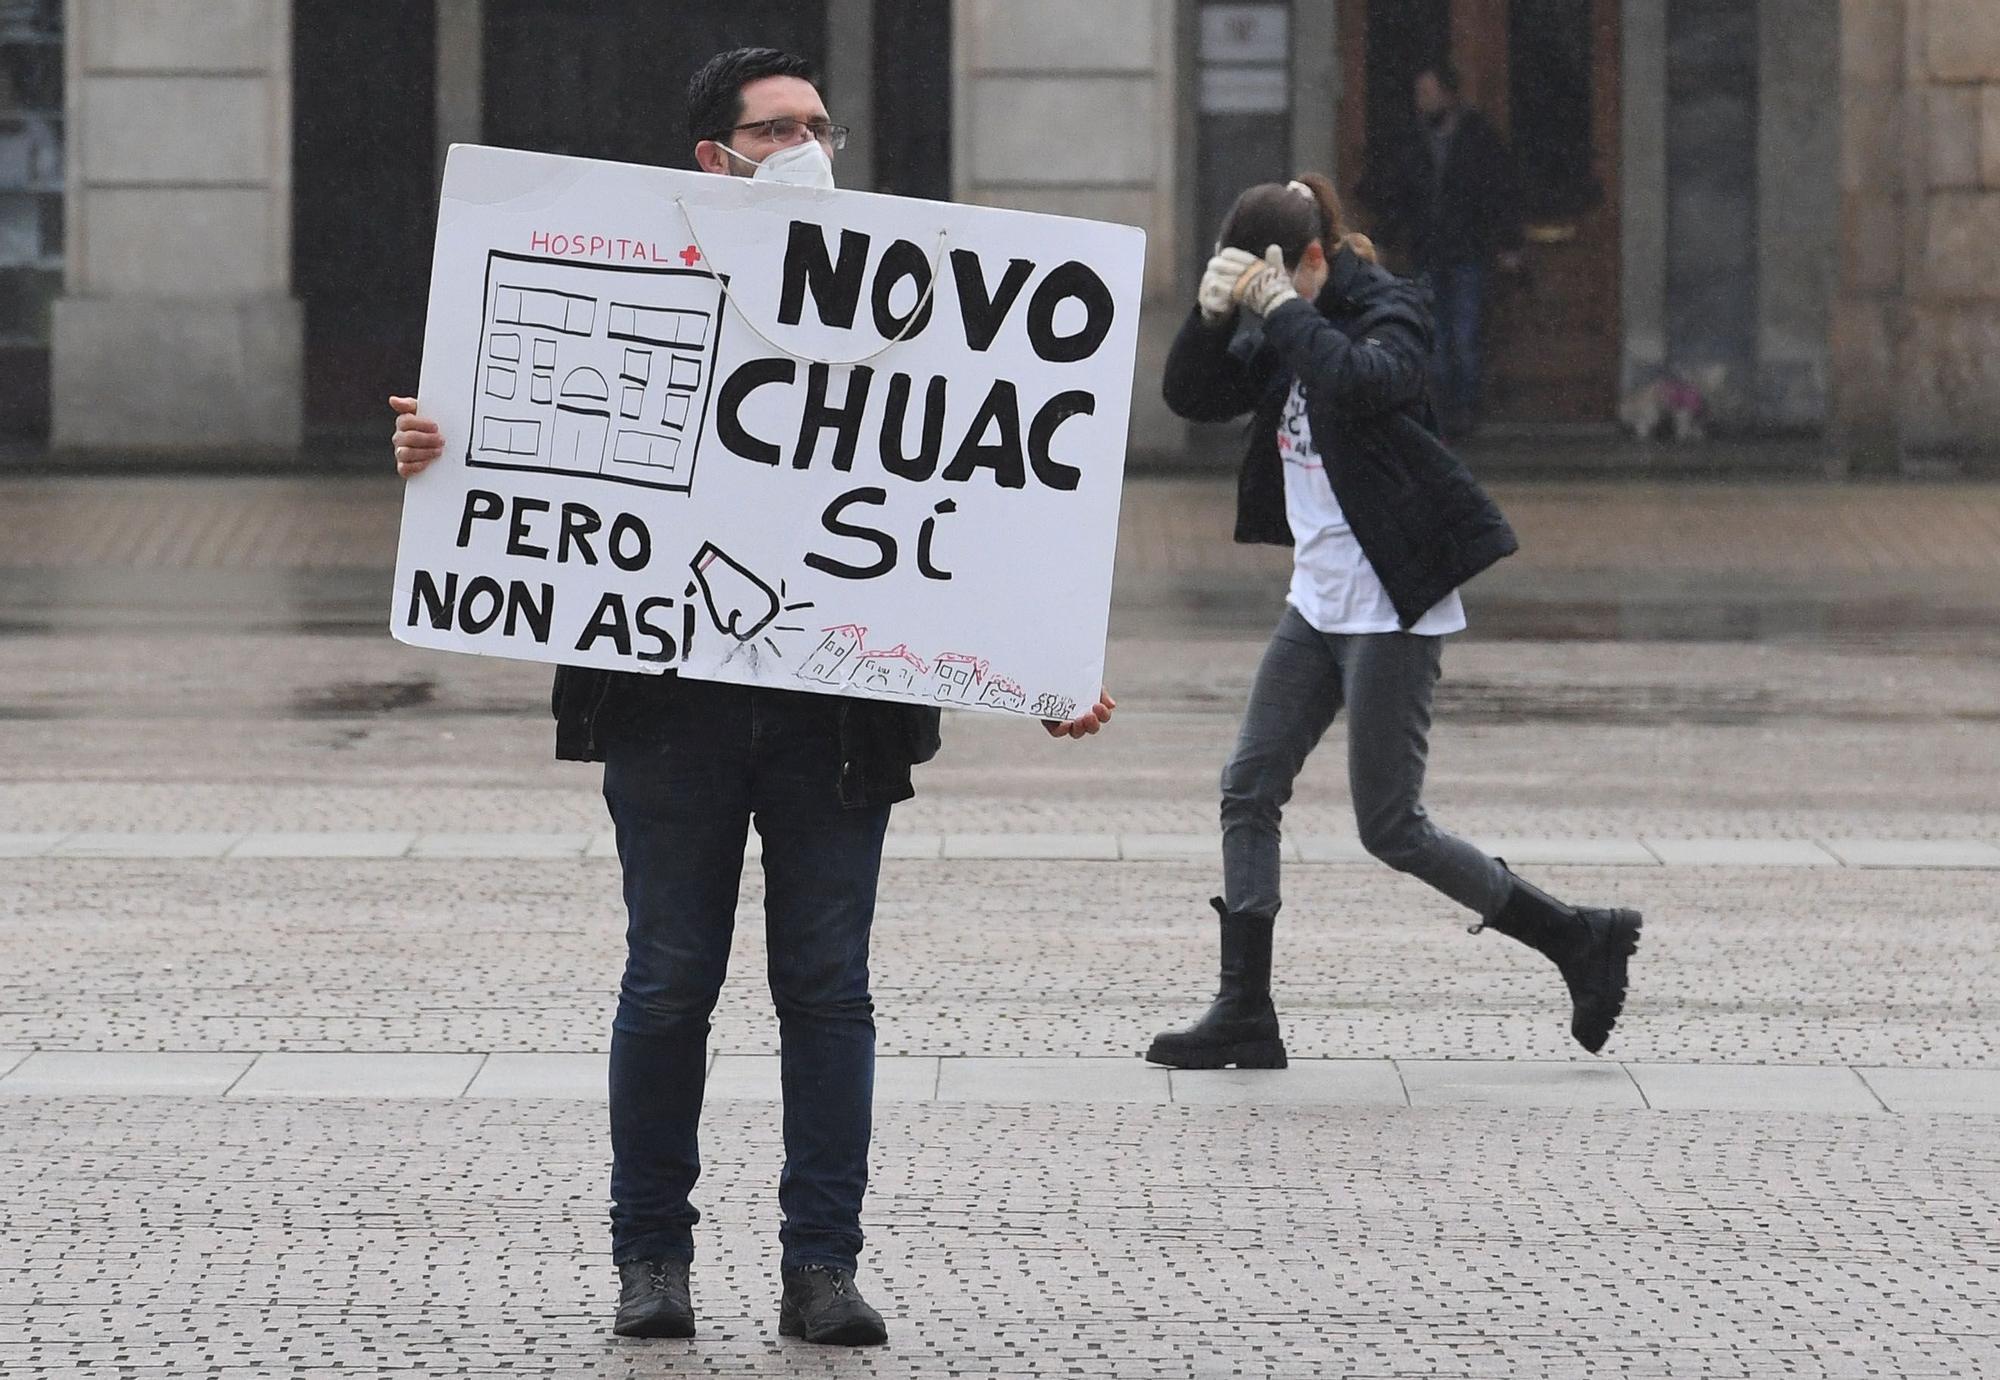 convenio-chuac (6).jpg